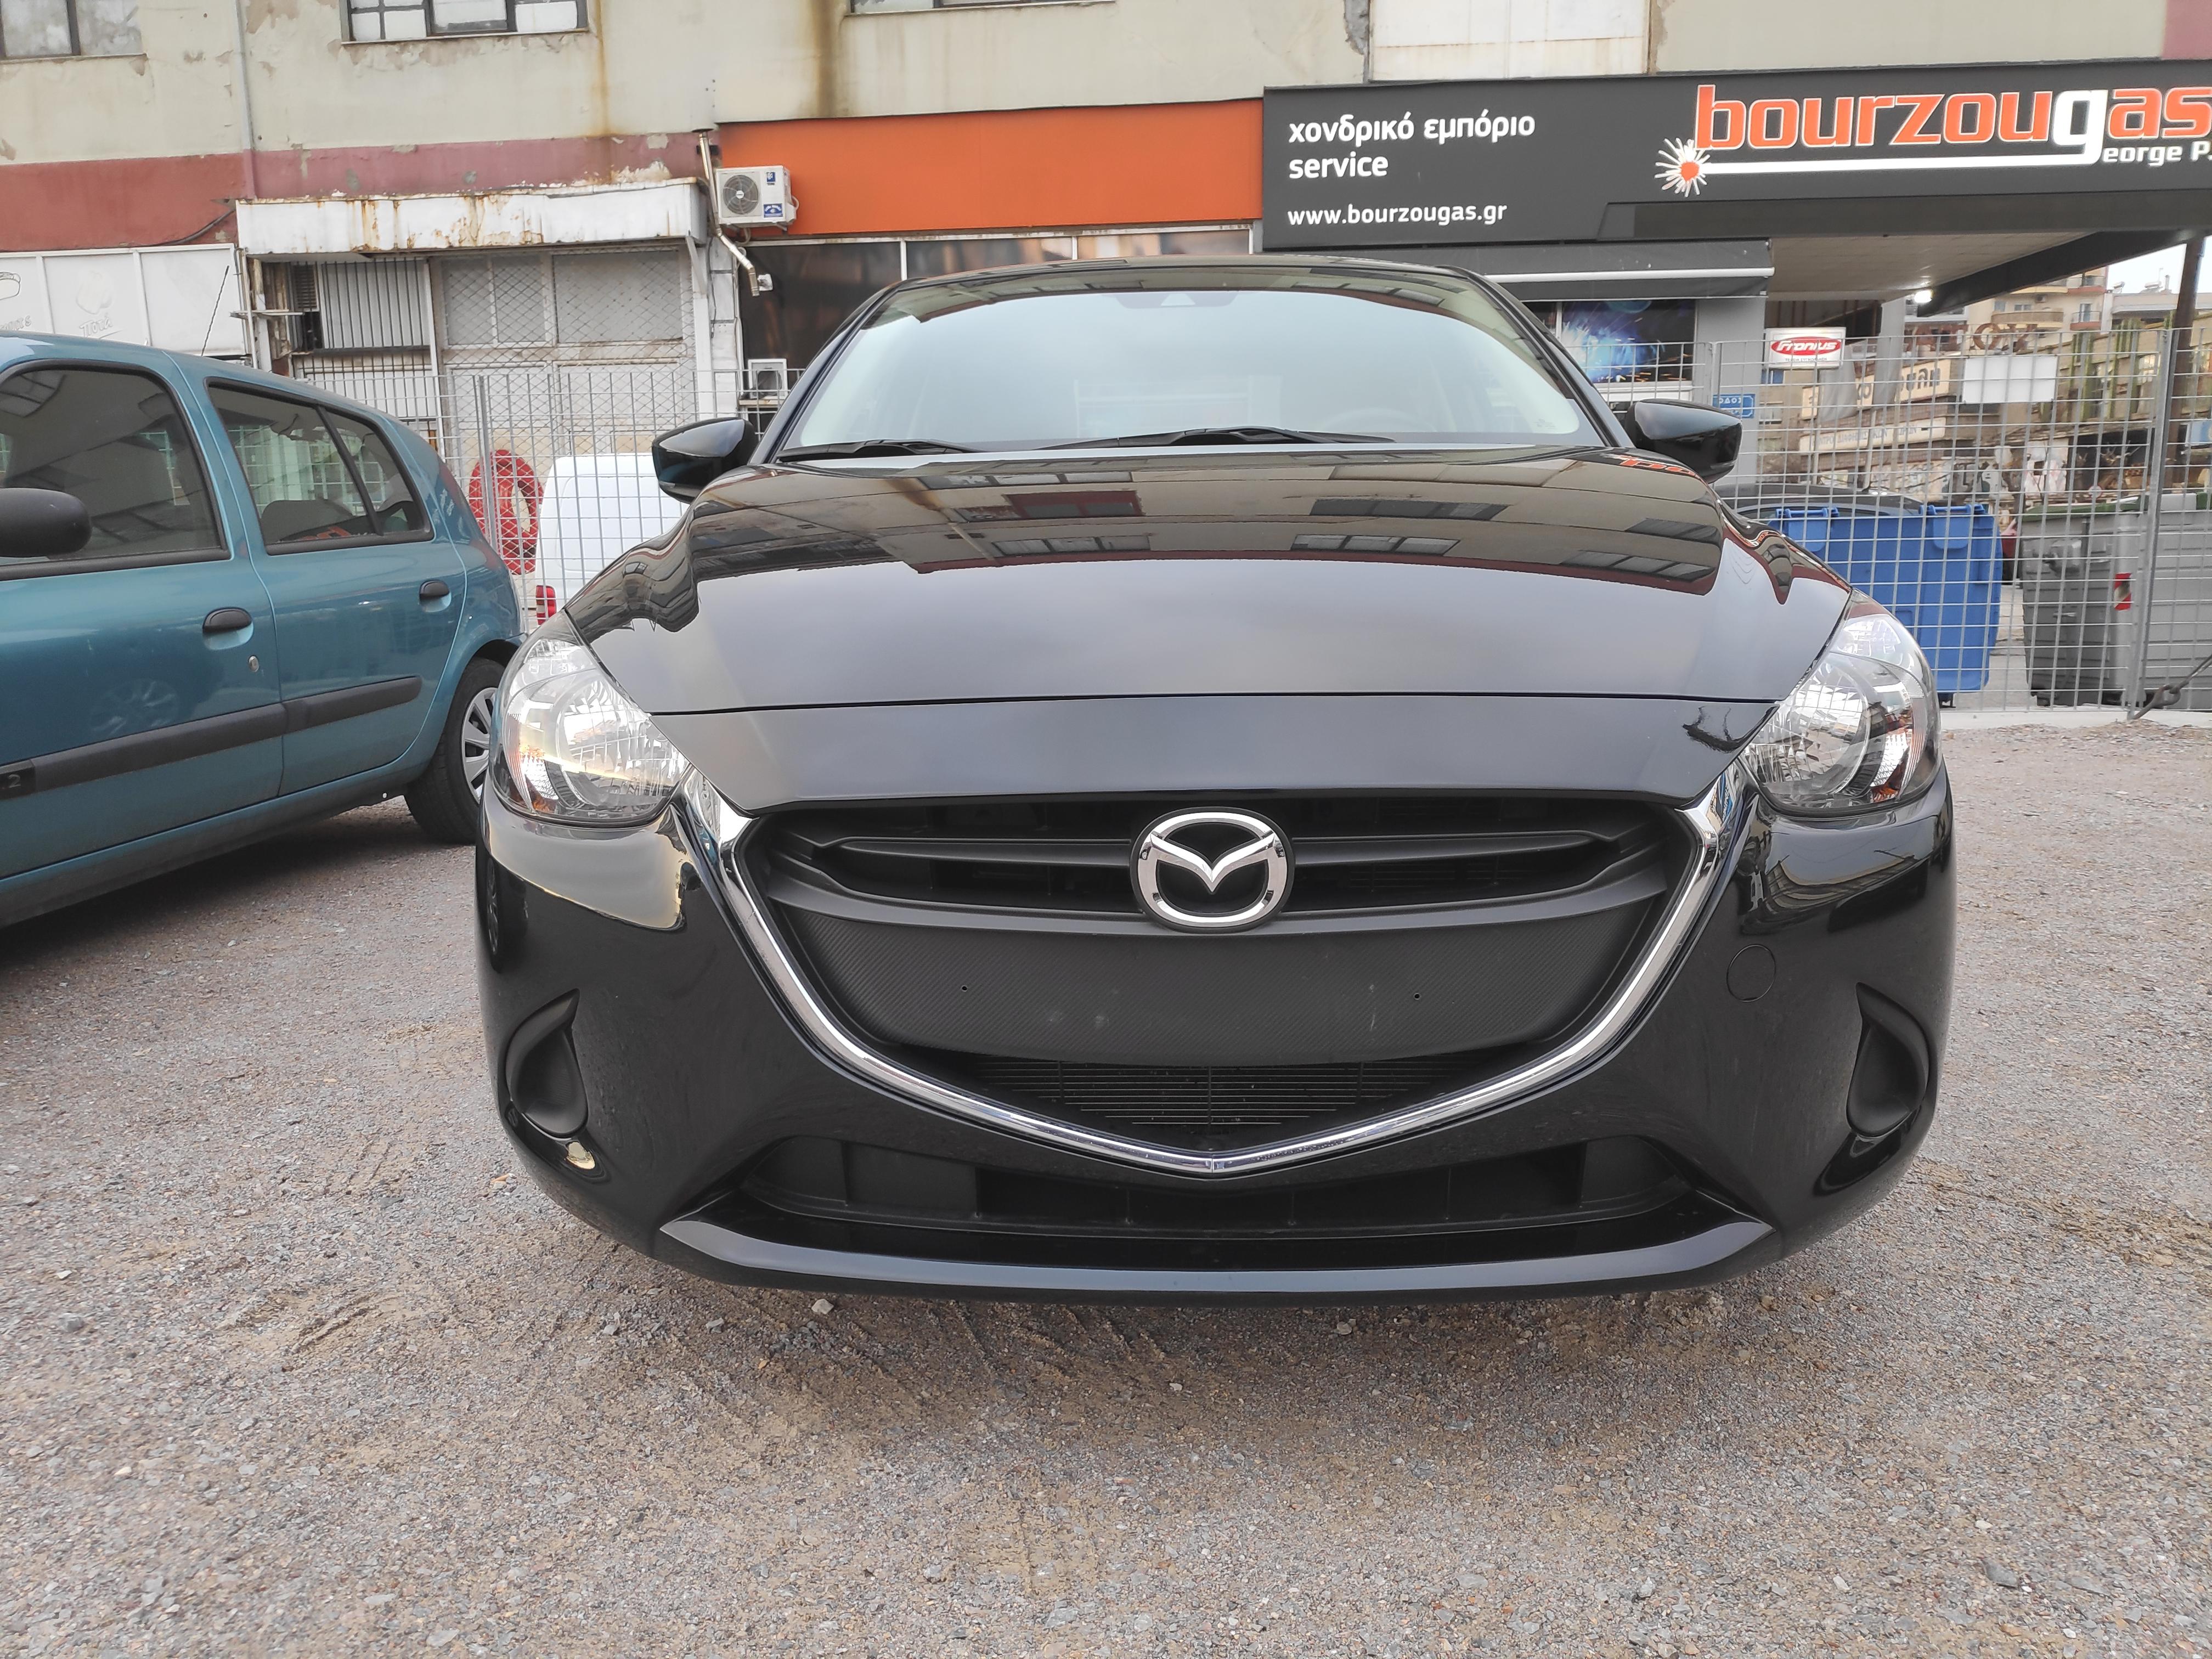 Mazda 2 '19 ATTRACTION **AYTOMATO**